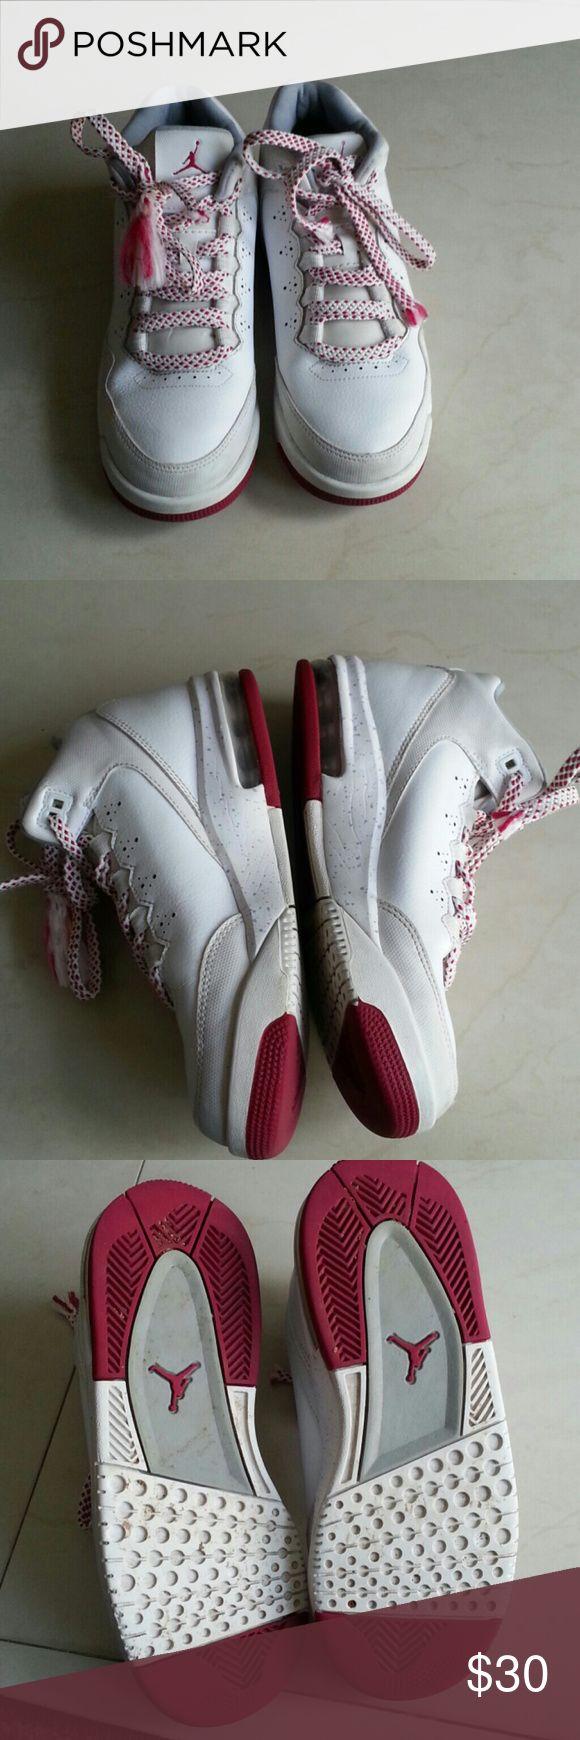 Classy Jordan's for girl Pink and white Jordan Shoes Sneakers